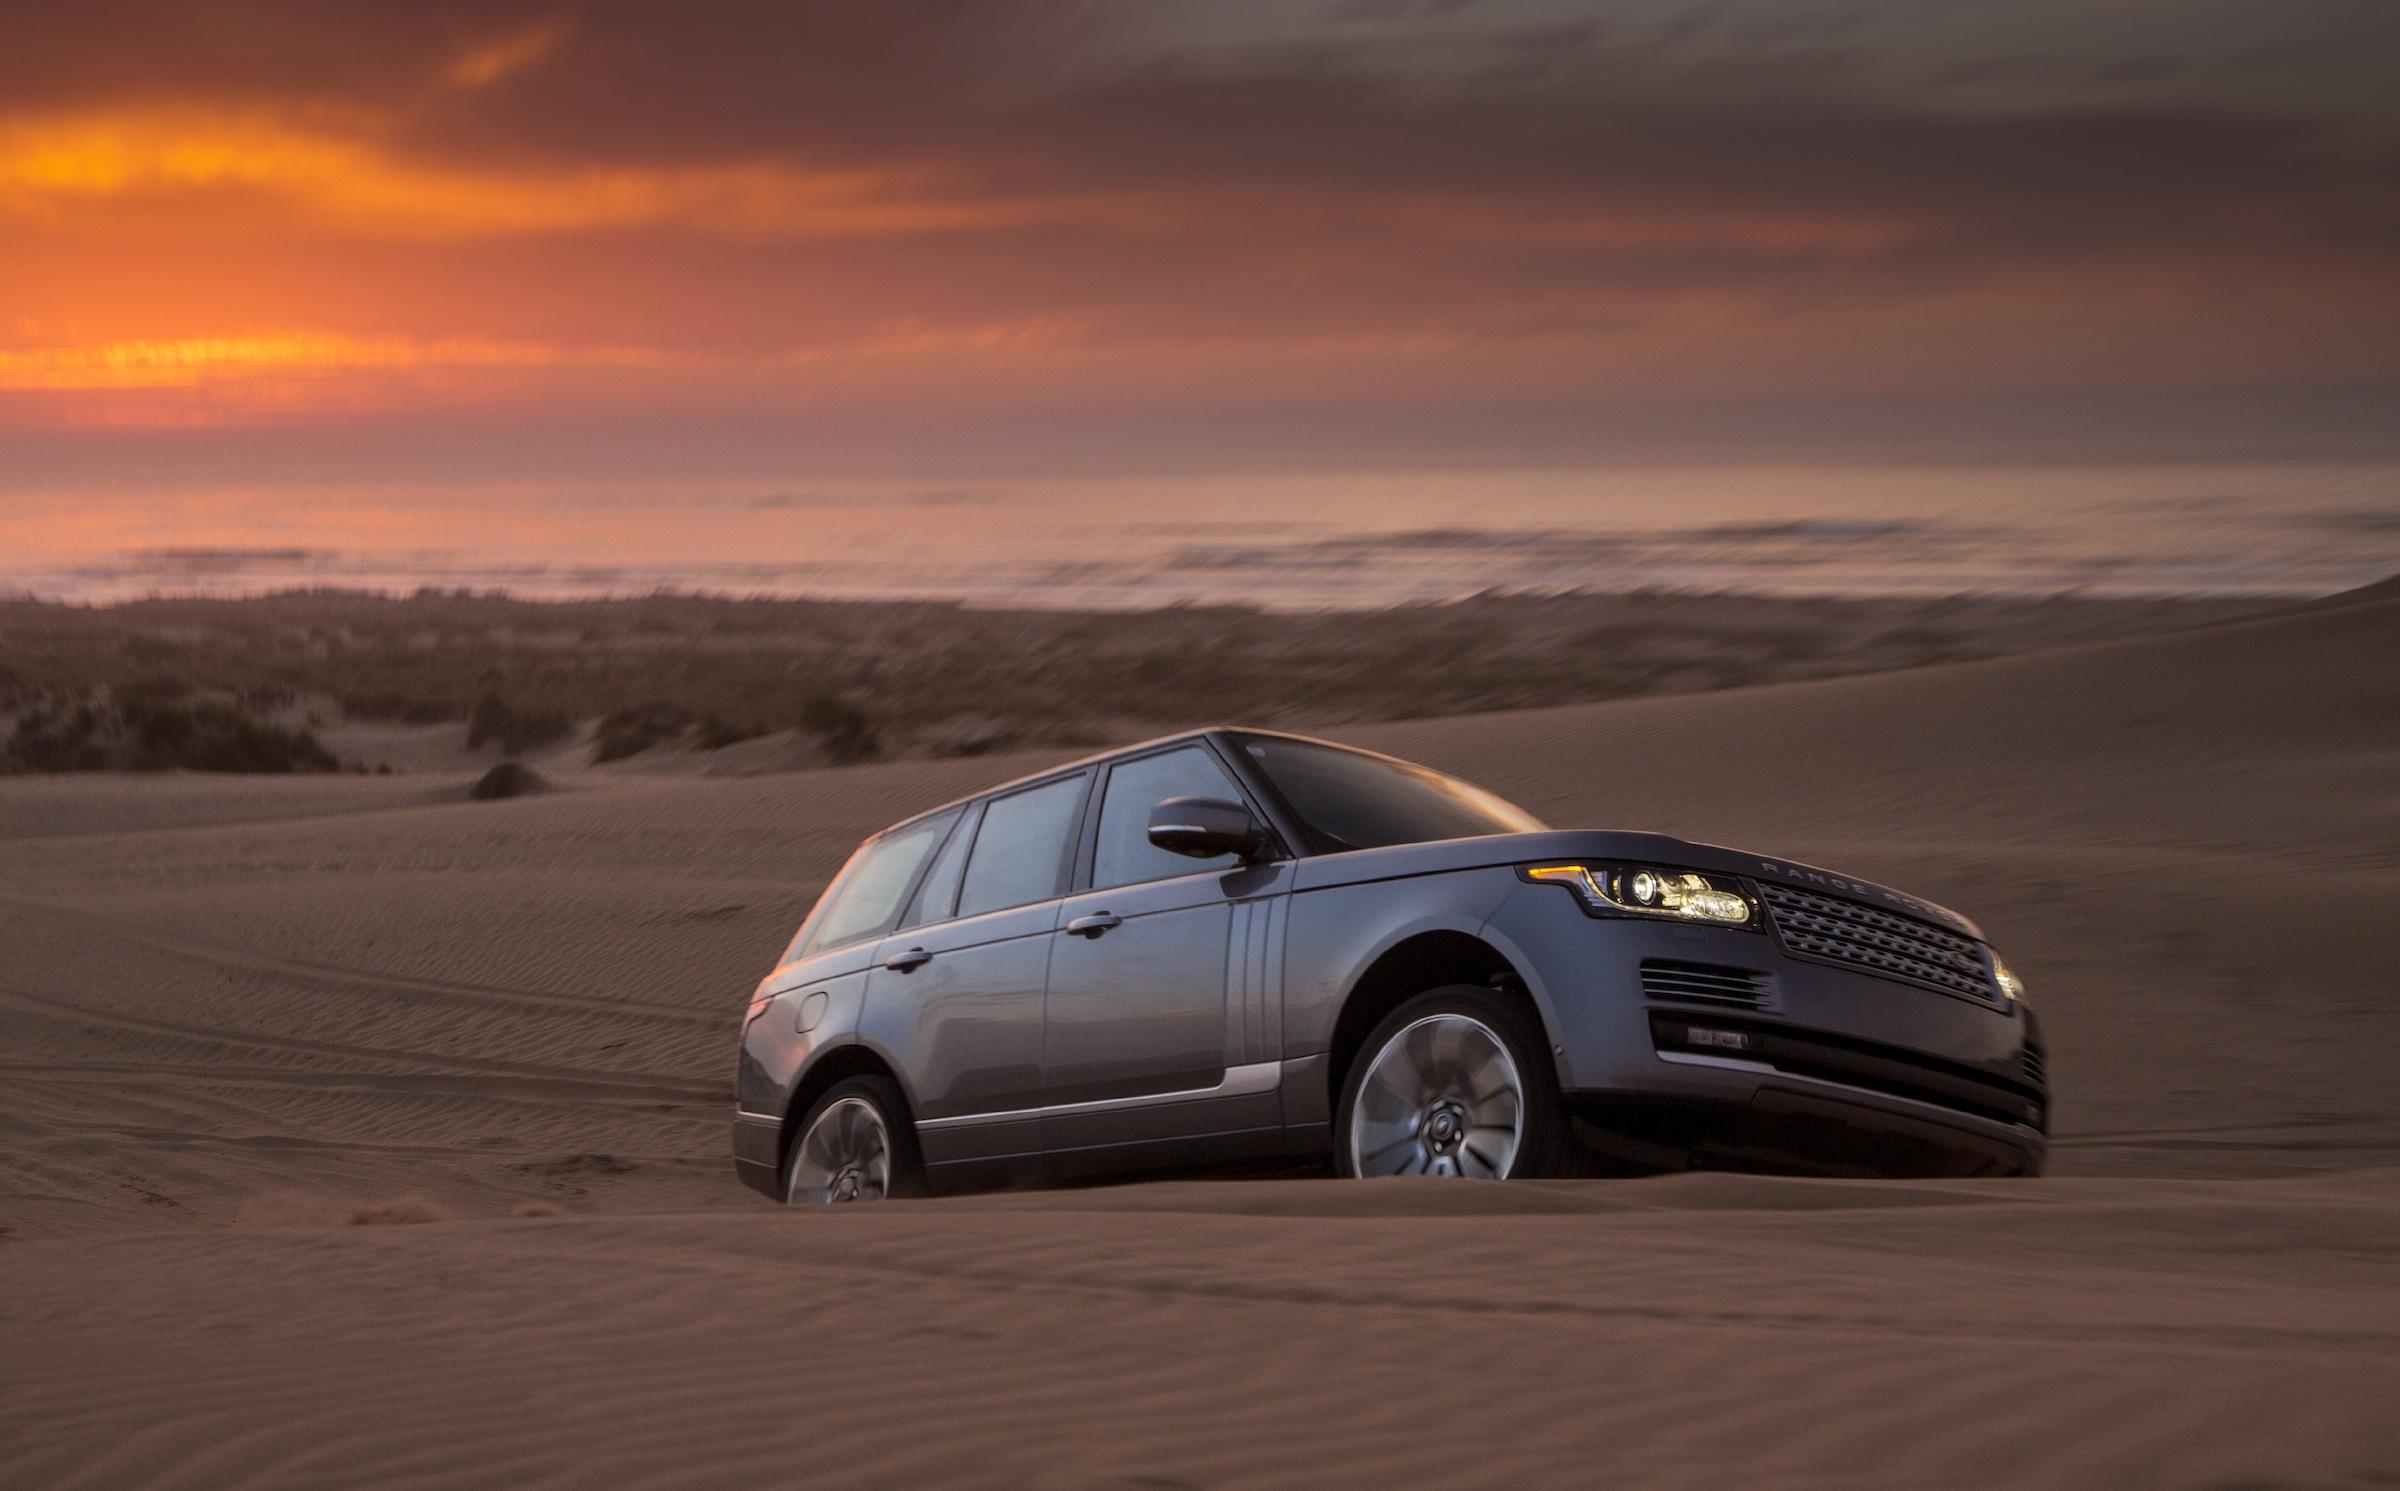 Land Rover Evoque Convertible >> 2013 Range Rover Review | CarAdvice